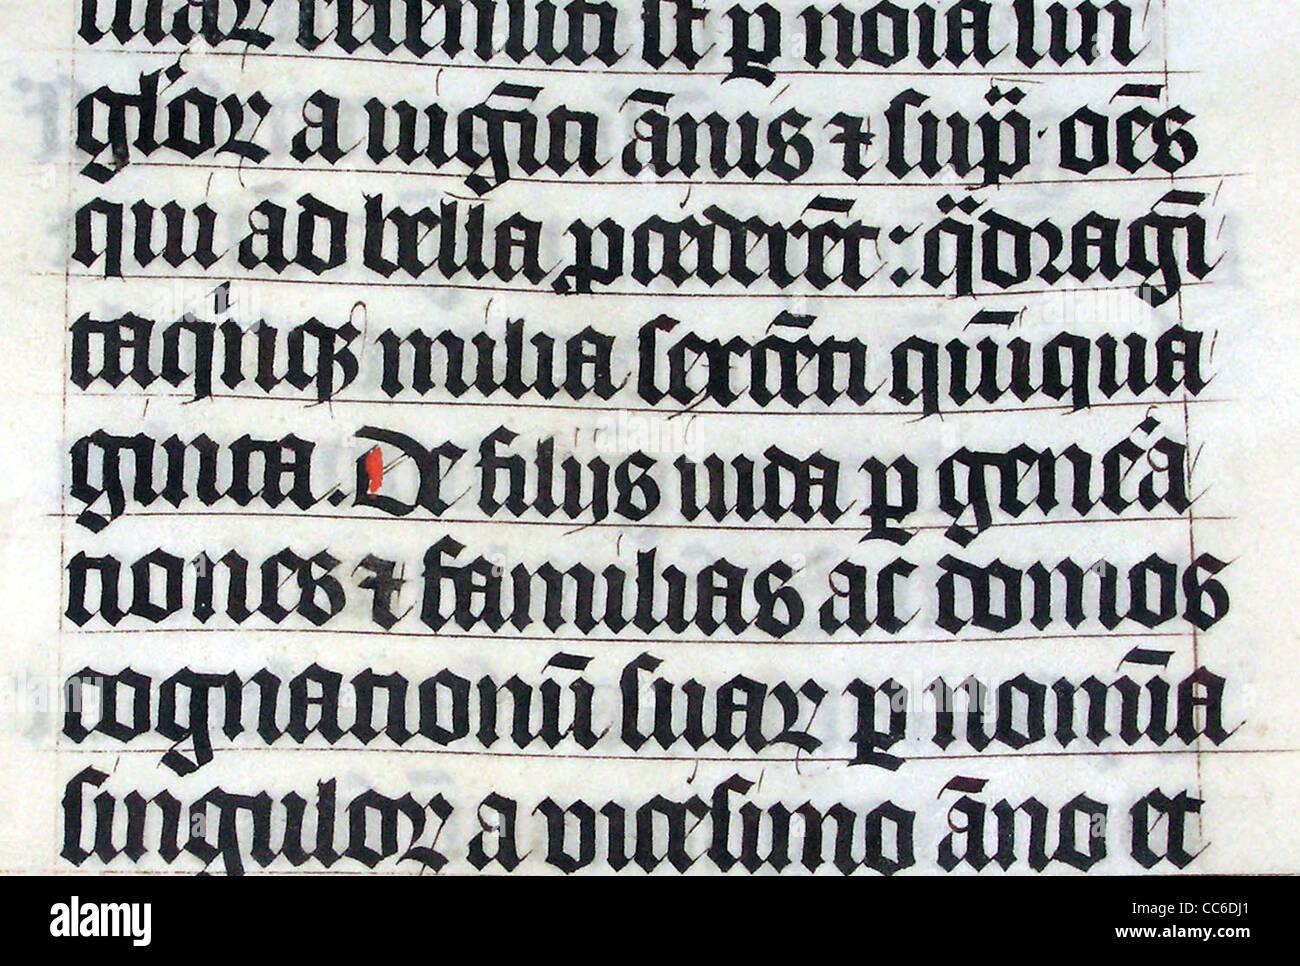 La calligraphie dans une Bible latine de 1407 sur l'affichage à l'abbaye de Malmesbury Photo Stock